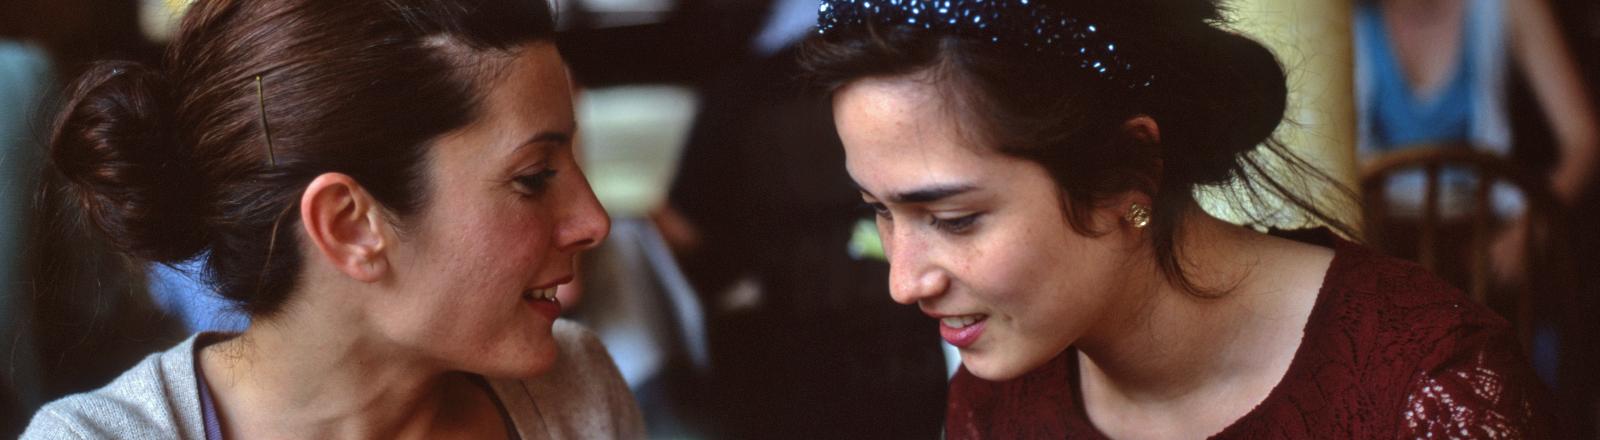 Zwei Freundinnen unterhalten sich angeregt in einem Café.